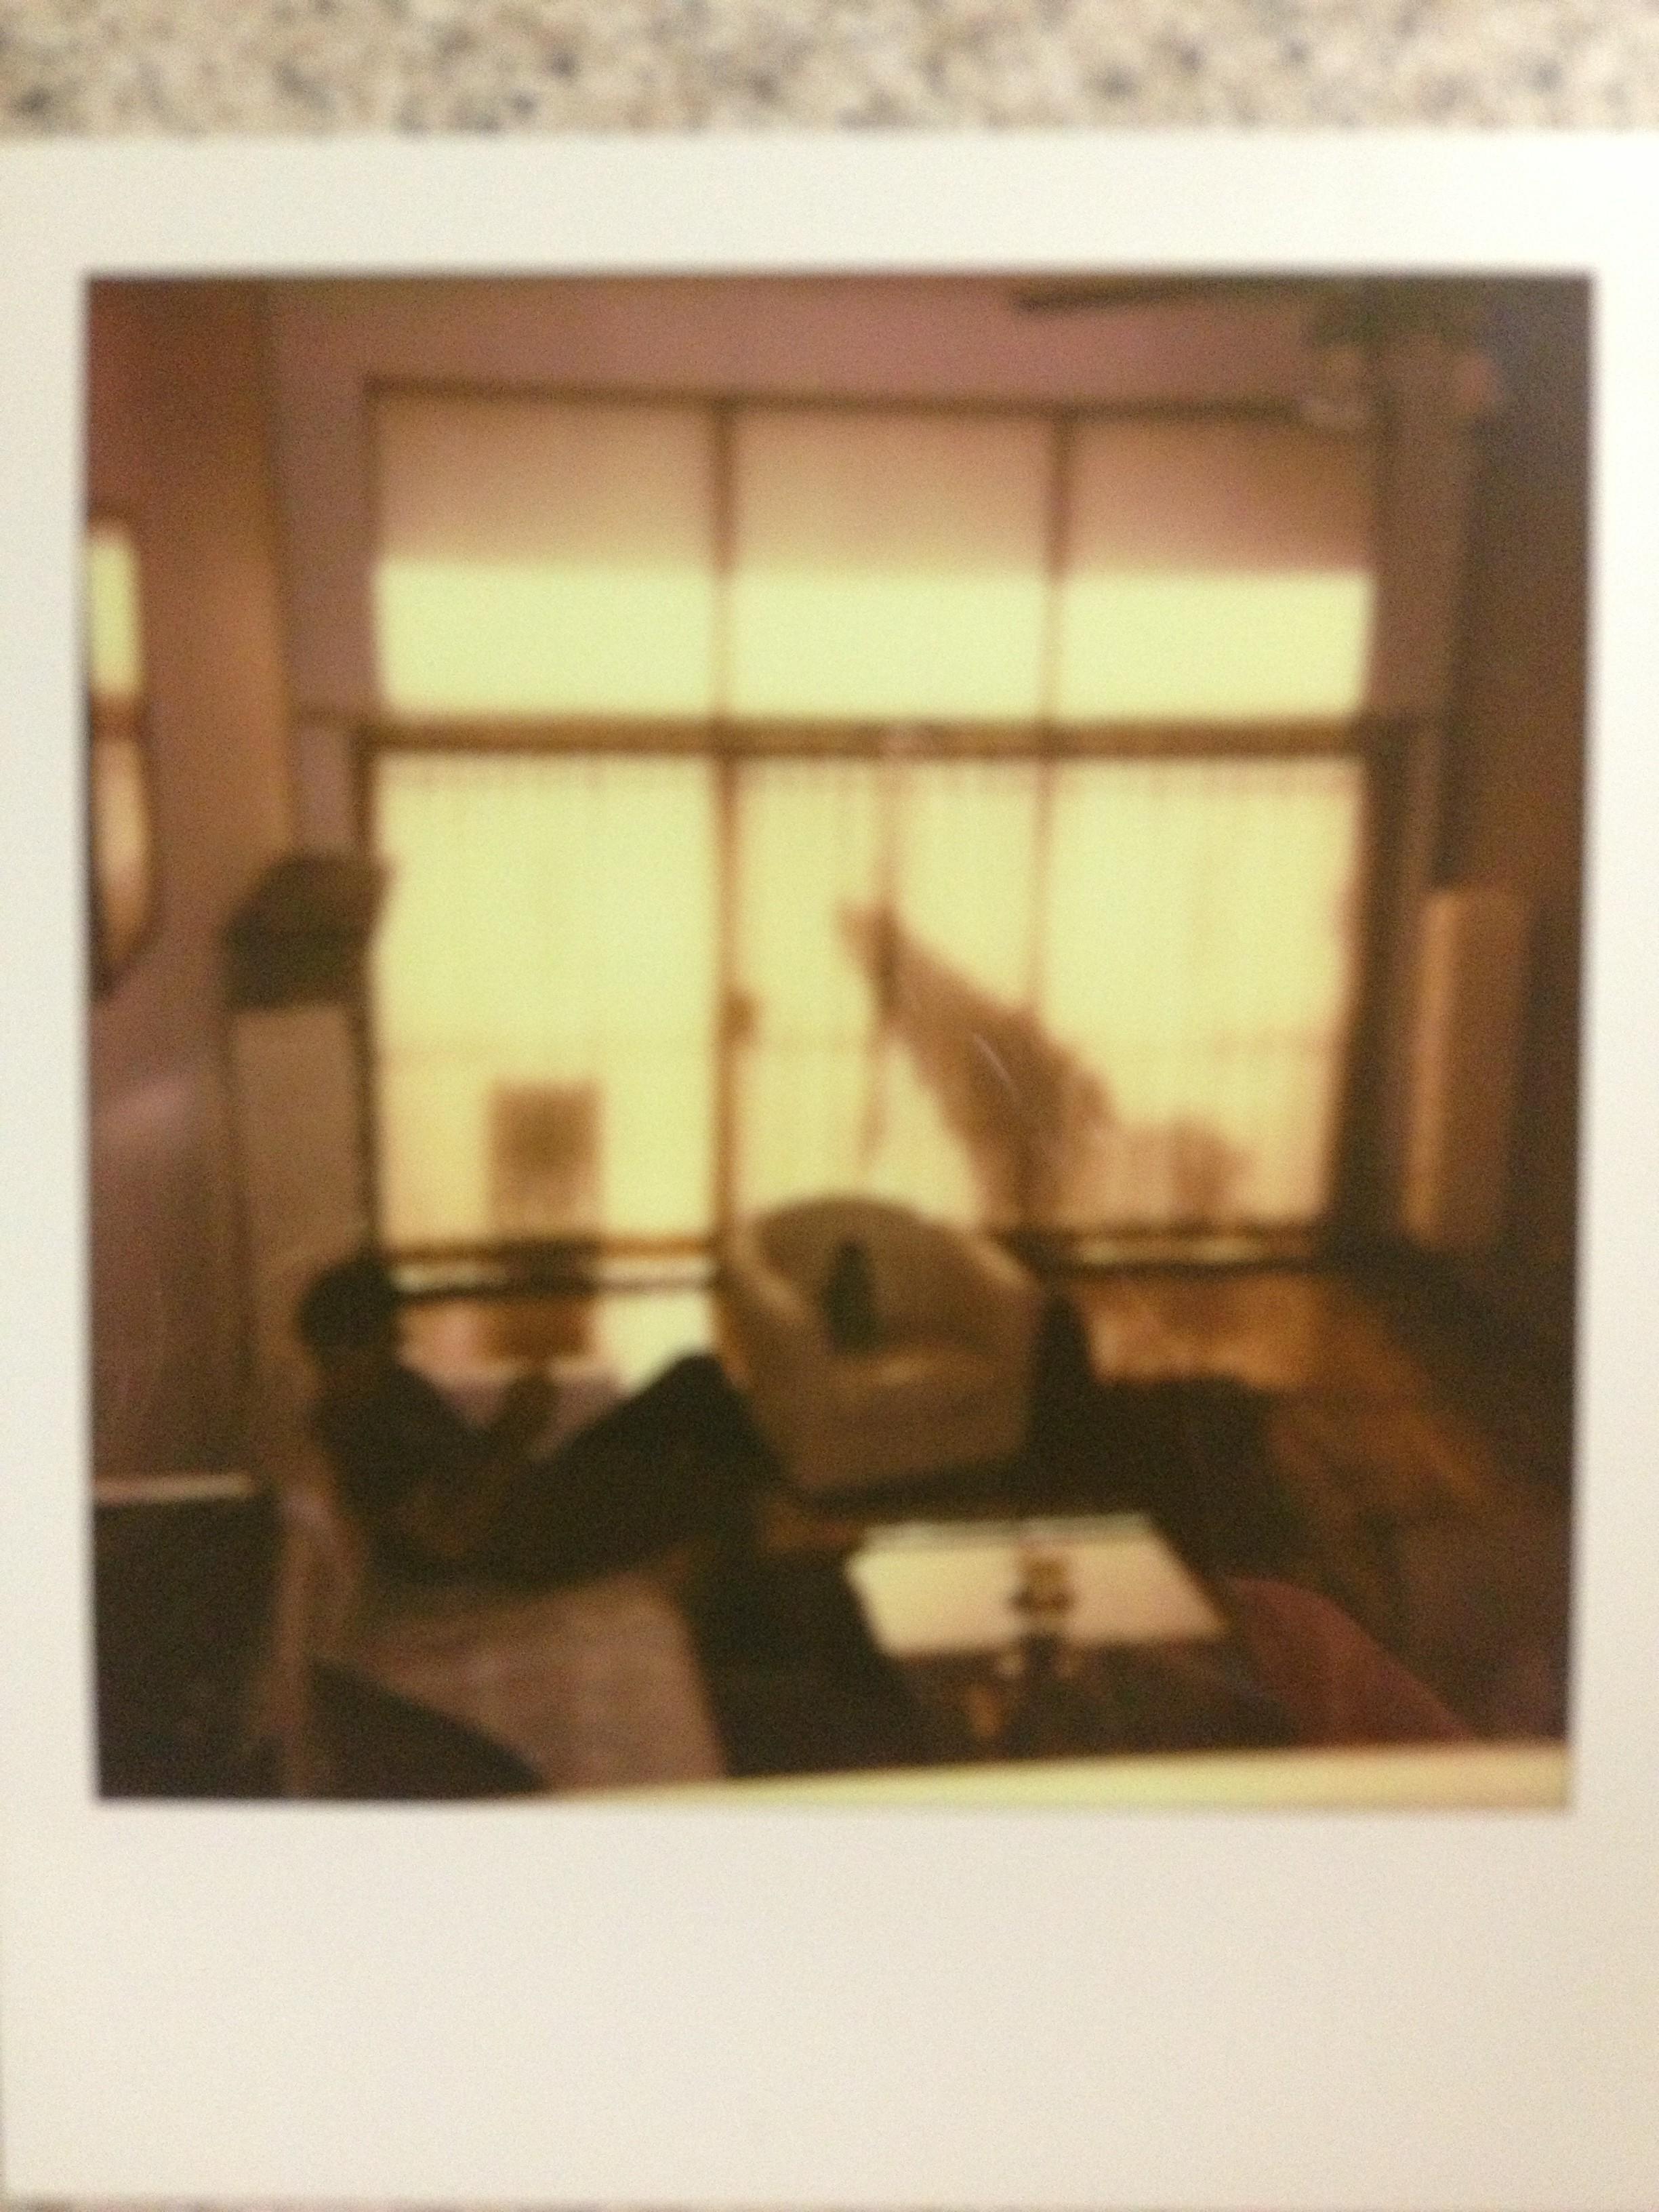 photo 4 (2)